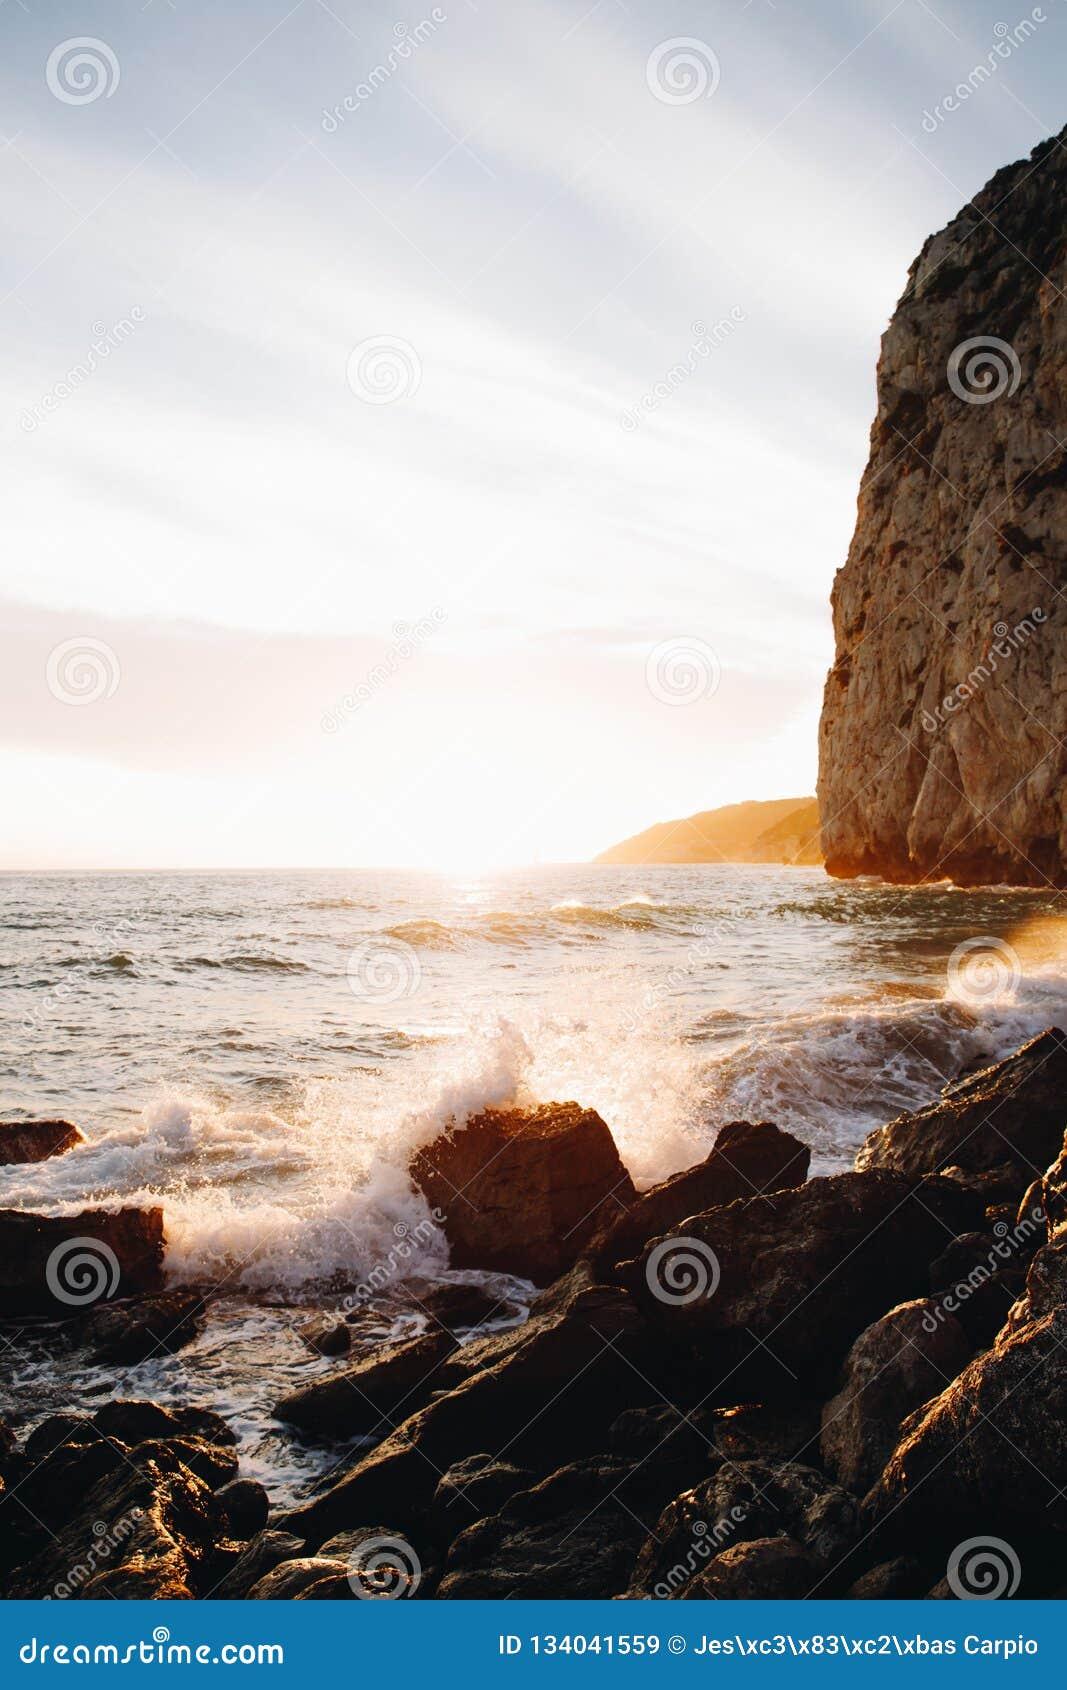 Sunset Beach Background stock image  Image of horizon